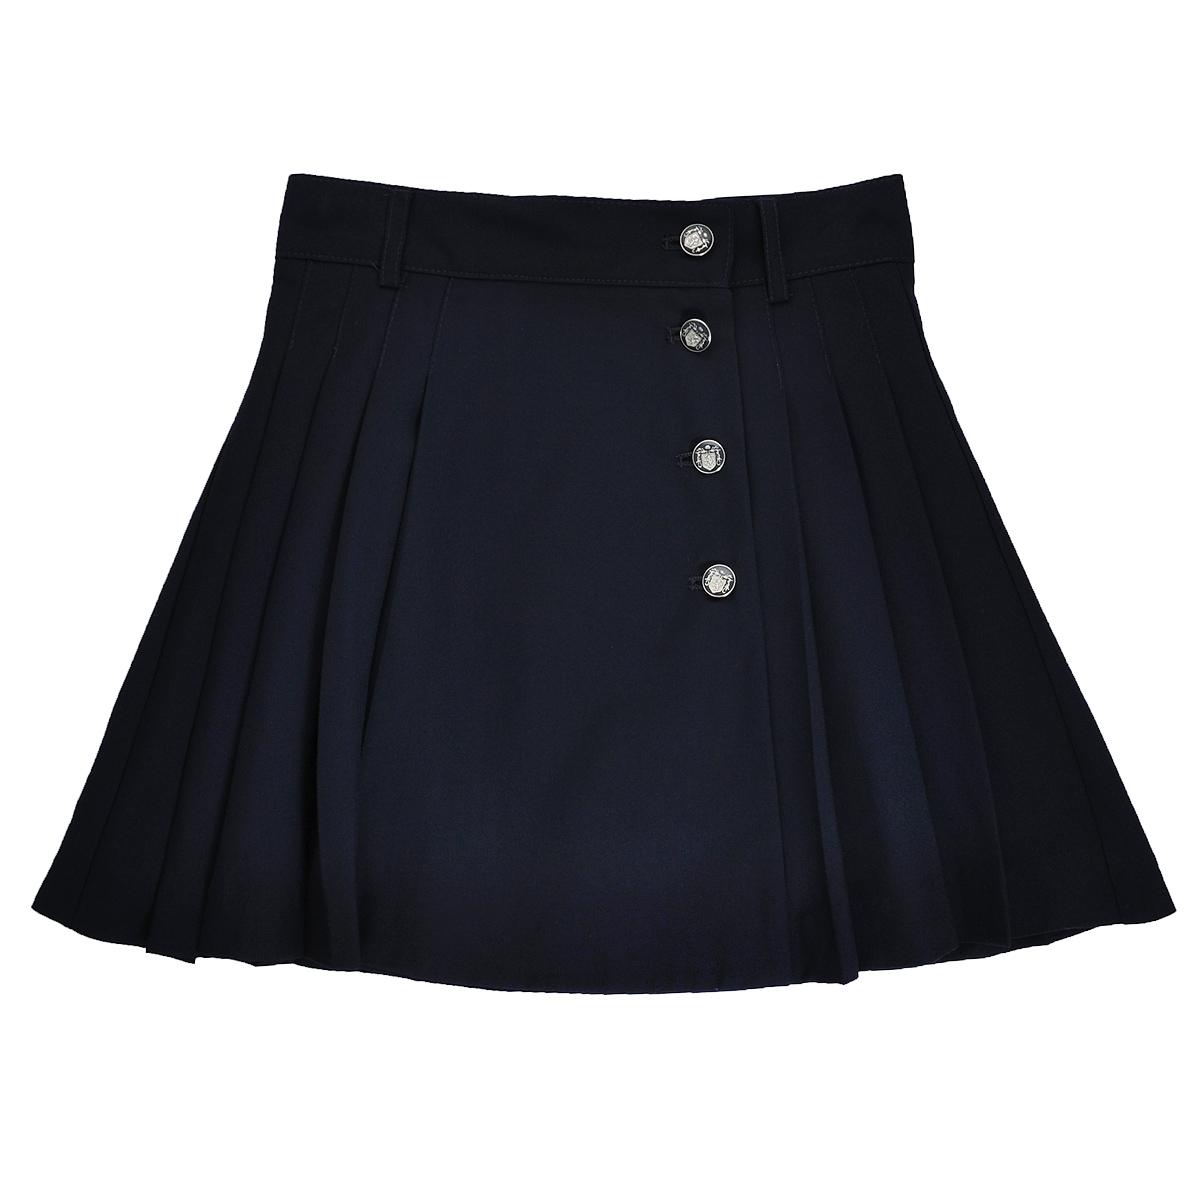 Юбка для девочки. SS-B-G-1010SS-B-G-1010_003Стильная юбка для девочки Silver Spoon идеально подойдет для школы. Изготовленная из высококачественного материала с добавлением вискозы, она необычайно мягкая и приятная на ощупь, не сковывает движения и позволяет коже дышать, не раздражает даже самую нежную и чувствительную кожу ребенка, обеспечивая ему наибольший комфорт. На подкладке используется гладкая подкладочная ткань. Юбка с запахом застегивается на металлические пуговицы. При необходимости пояс можно утянуть скрытой резинкой на пуговках. Имеются шлевки для ремня. По бокам модель дополнена кокетливыми складками. В сочетании с любым верхом, эта юбка выглядит красиво, и очень эффектно.